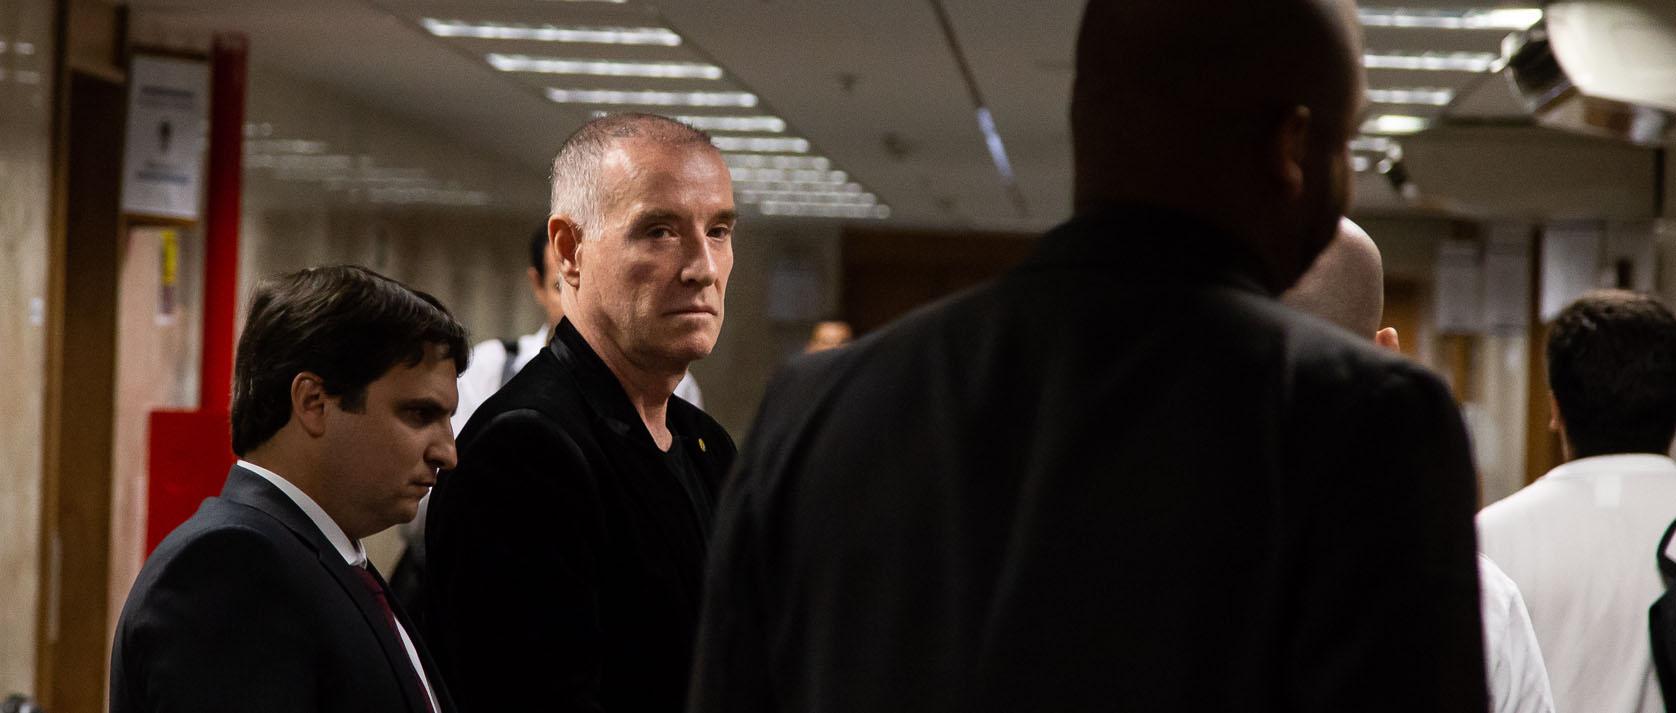 Eike Batista fica em silêncio em depoimento no Tribunal de Justiça do Rio